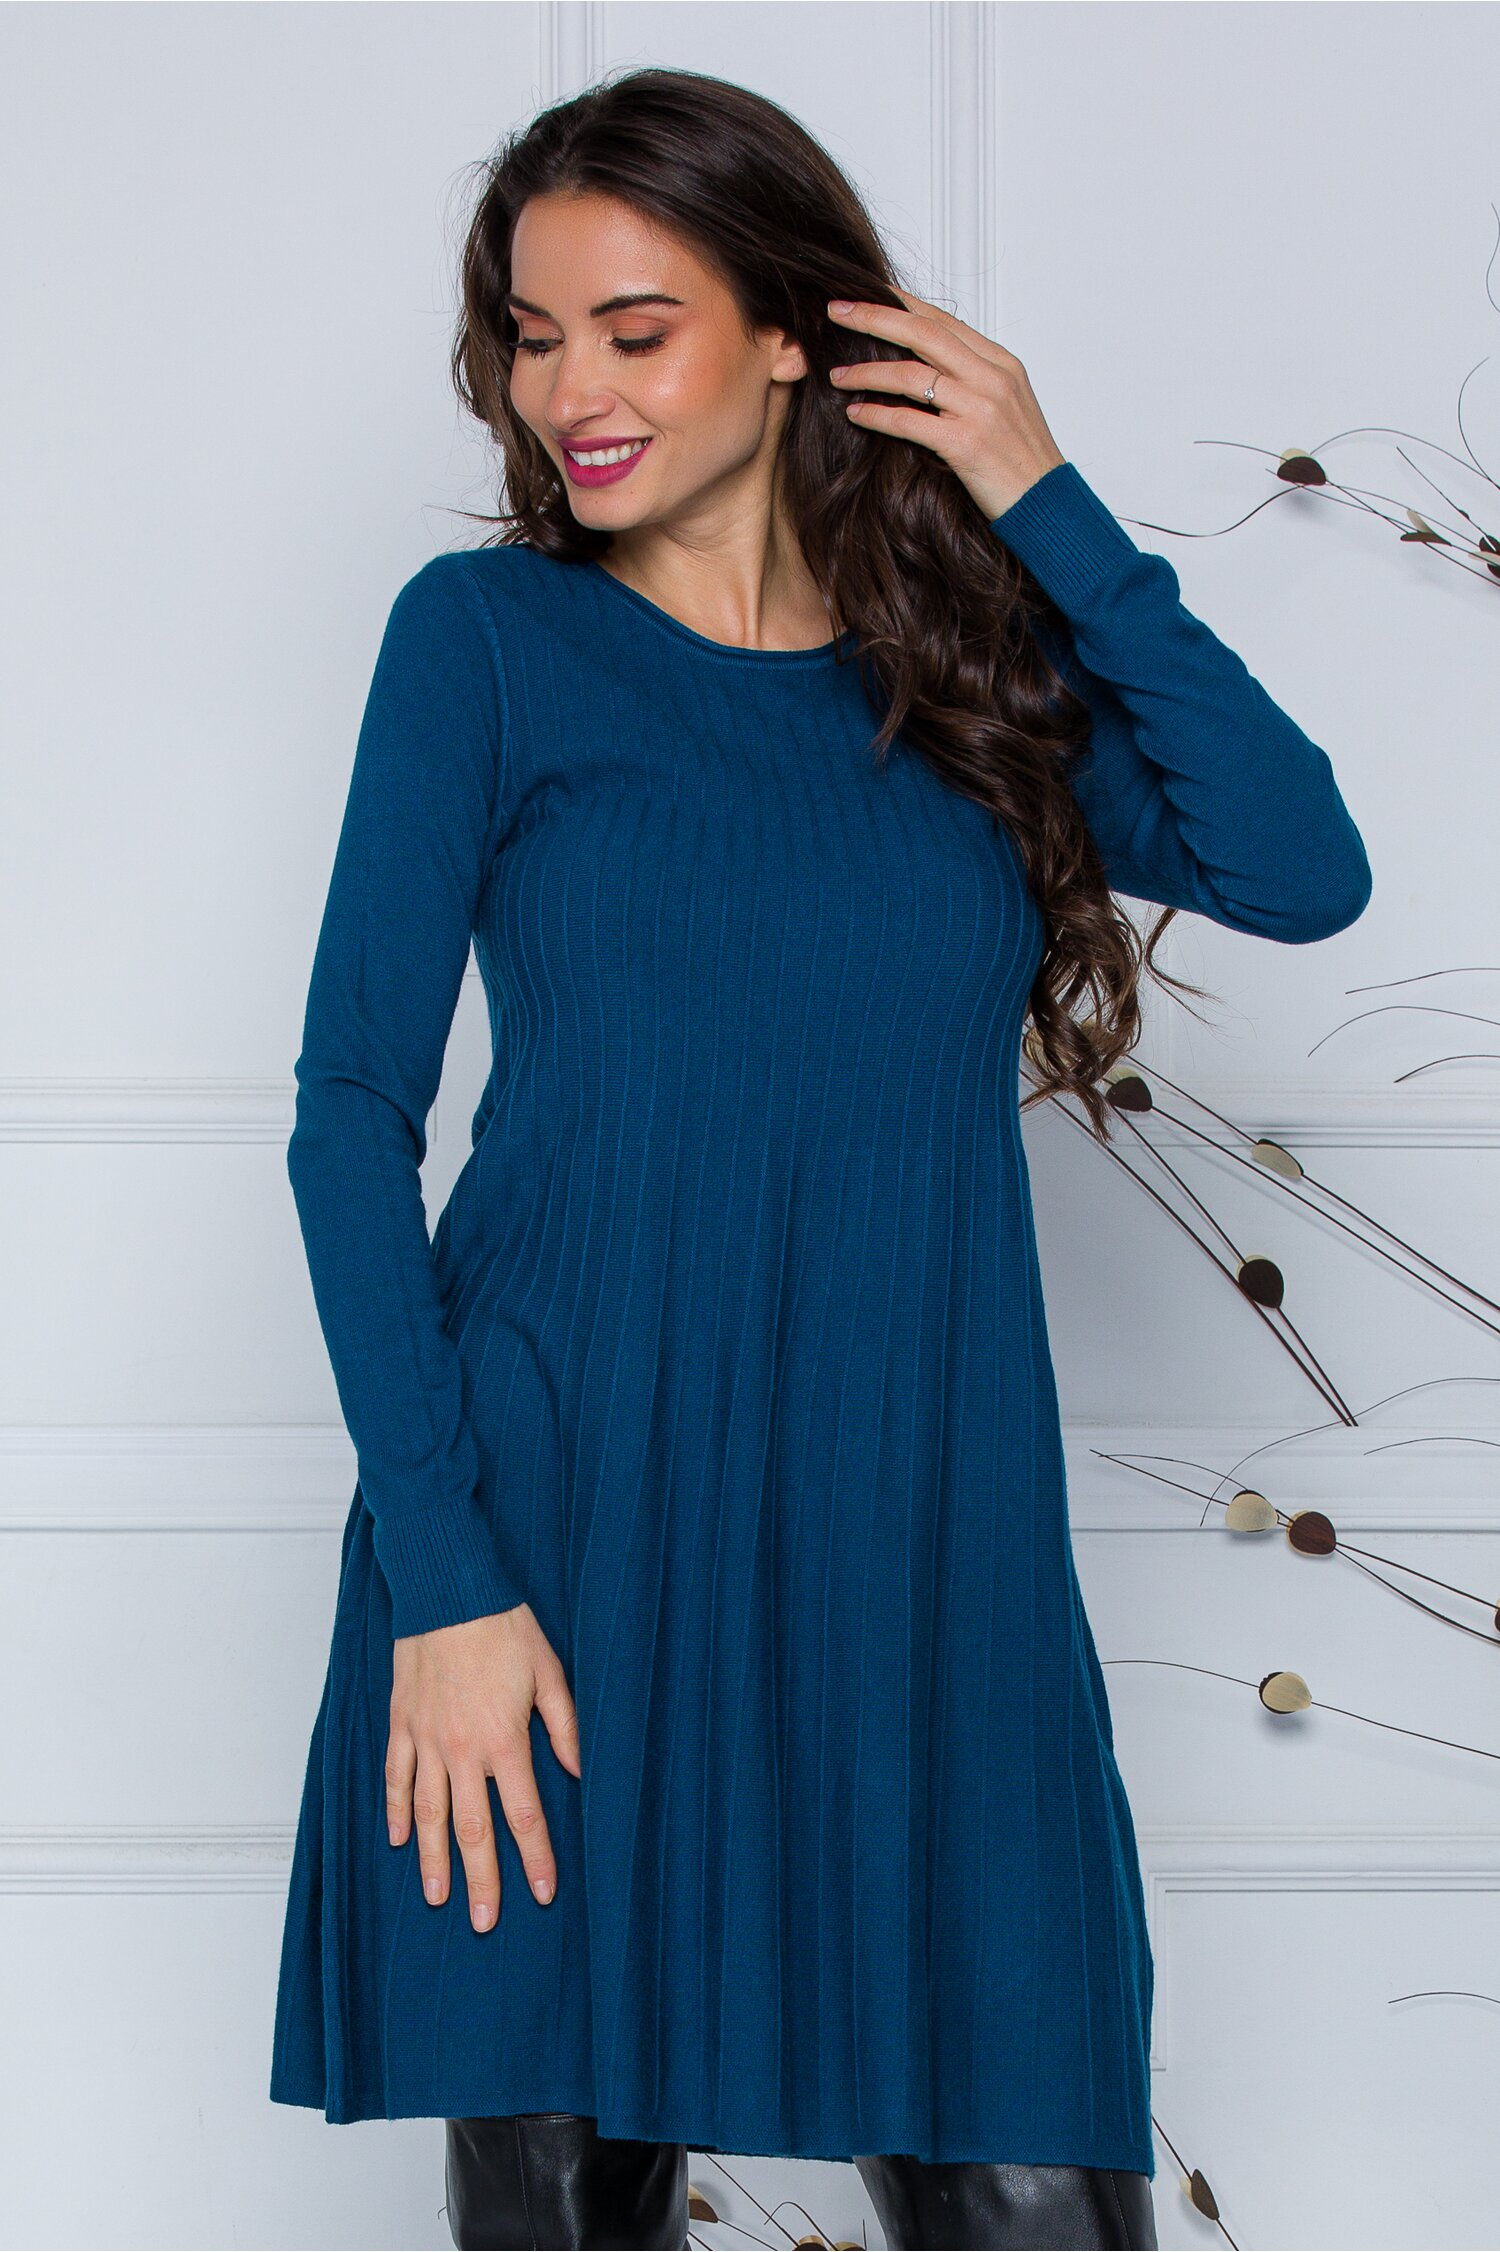 Rochie Miruna albastru petrol din tricot imagine